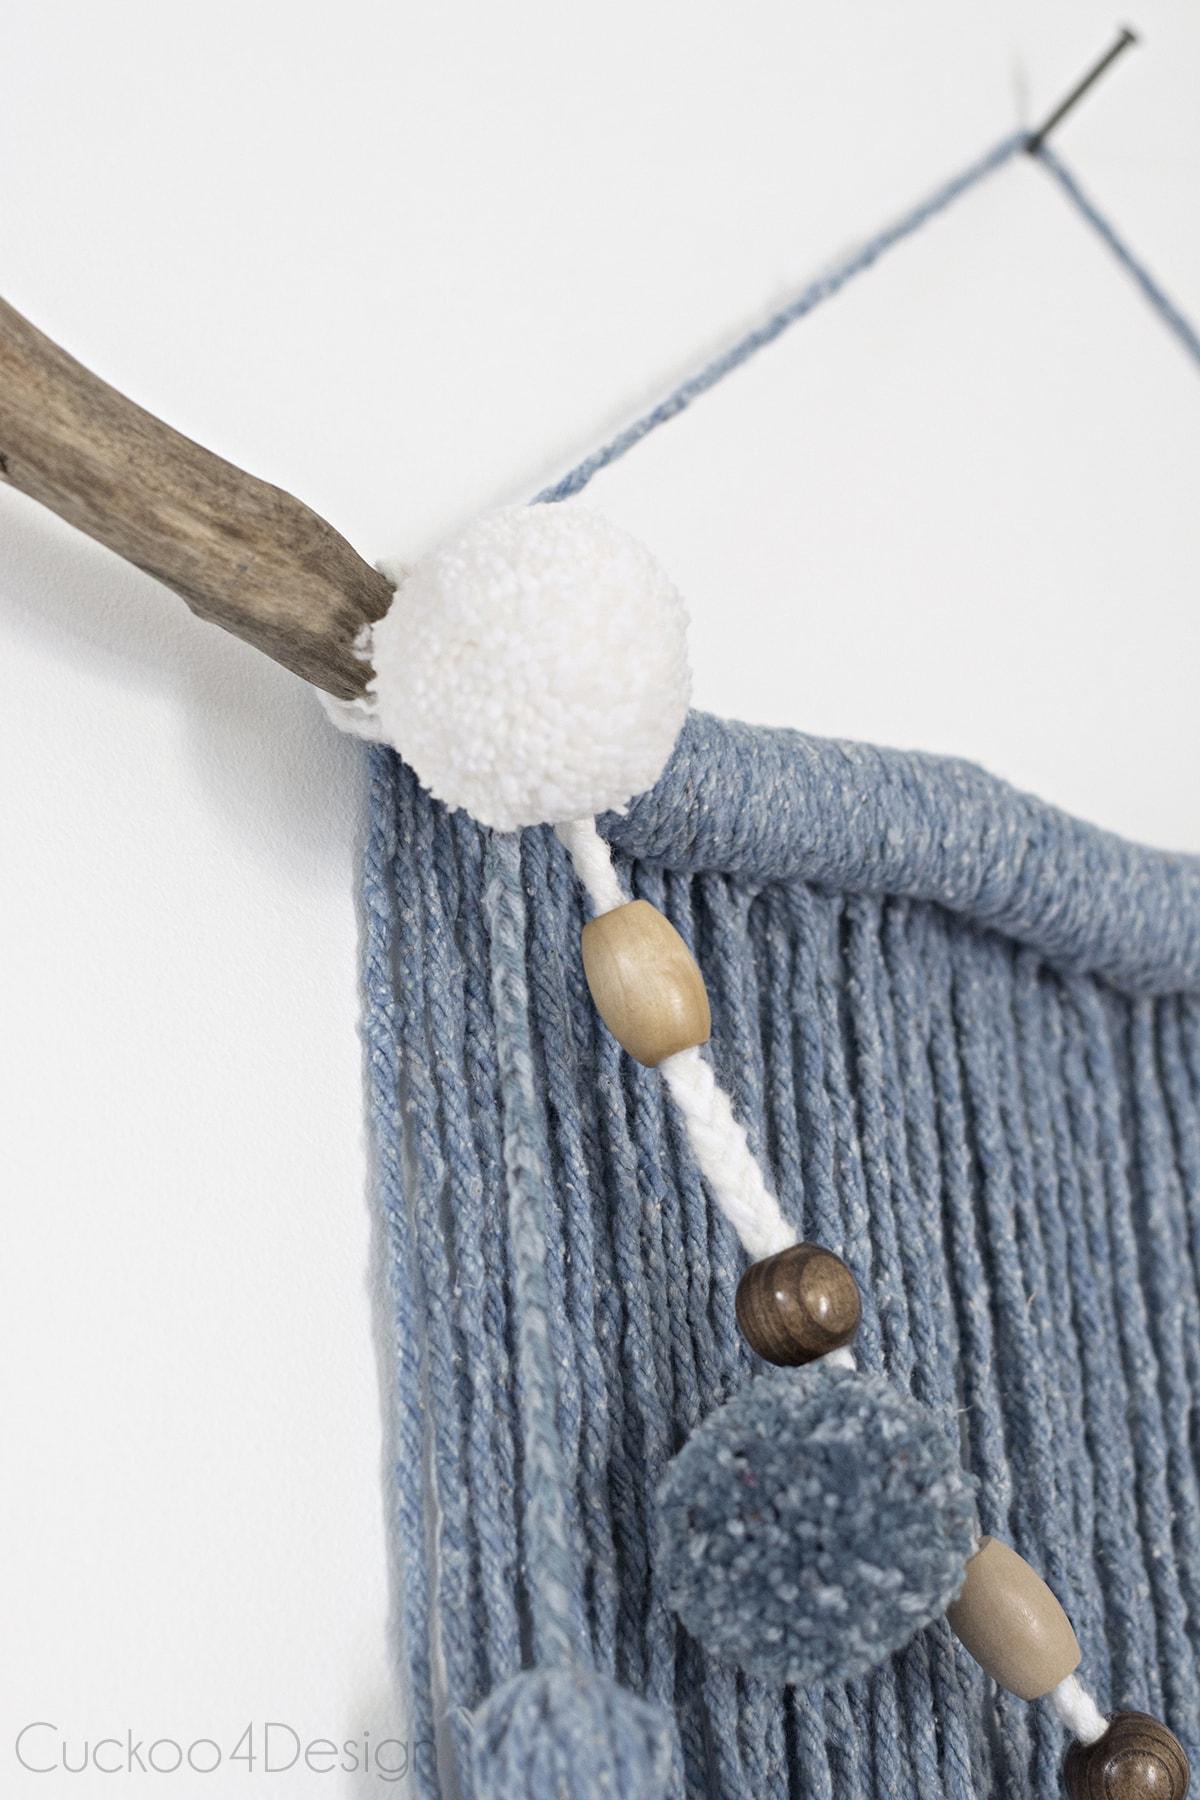 garland tied to mop head yarn wall hanging